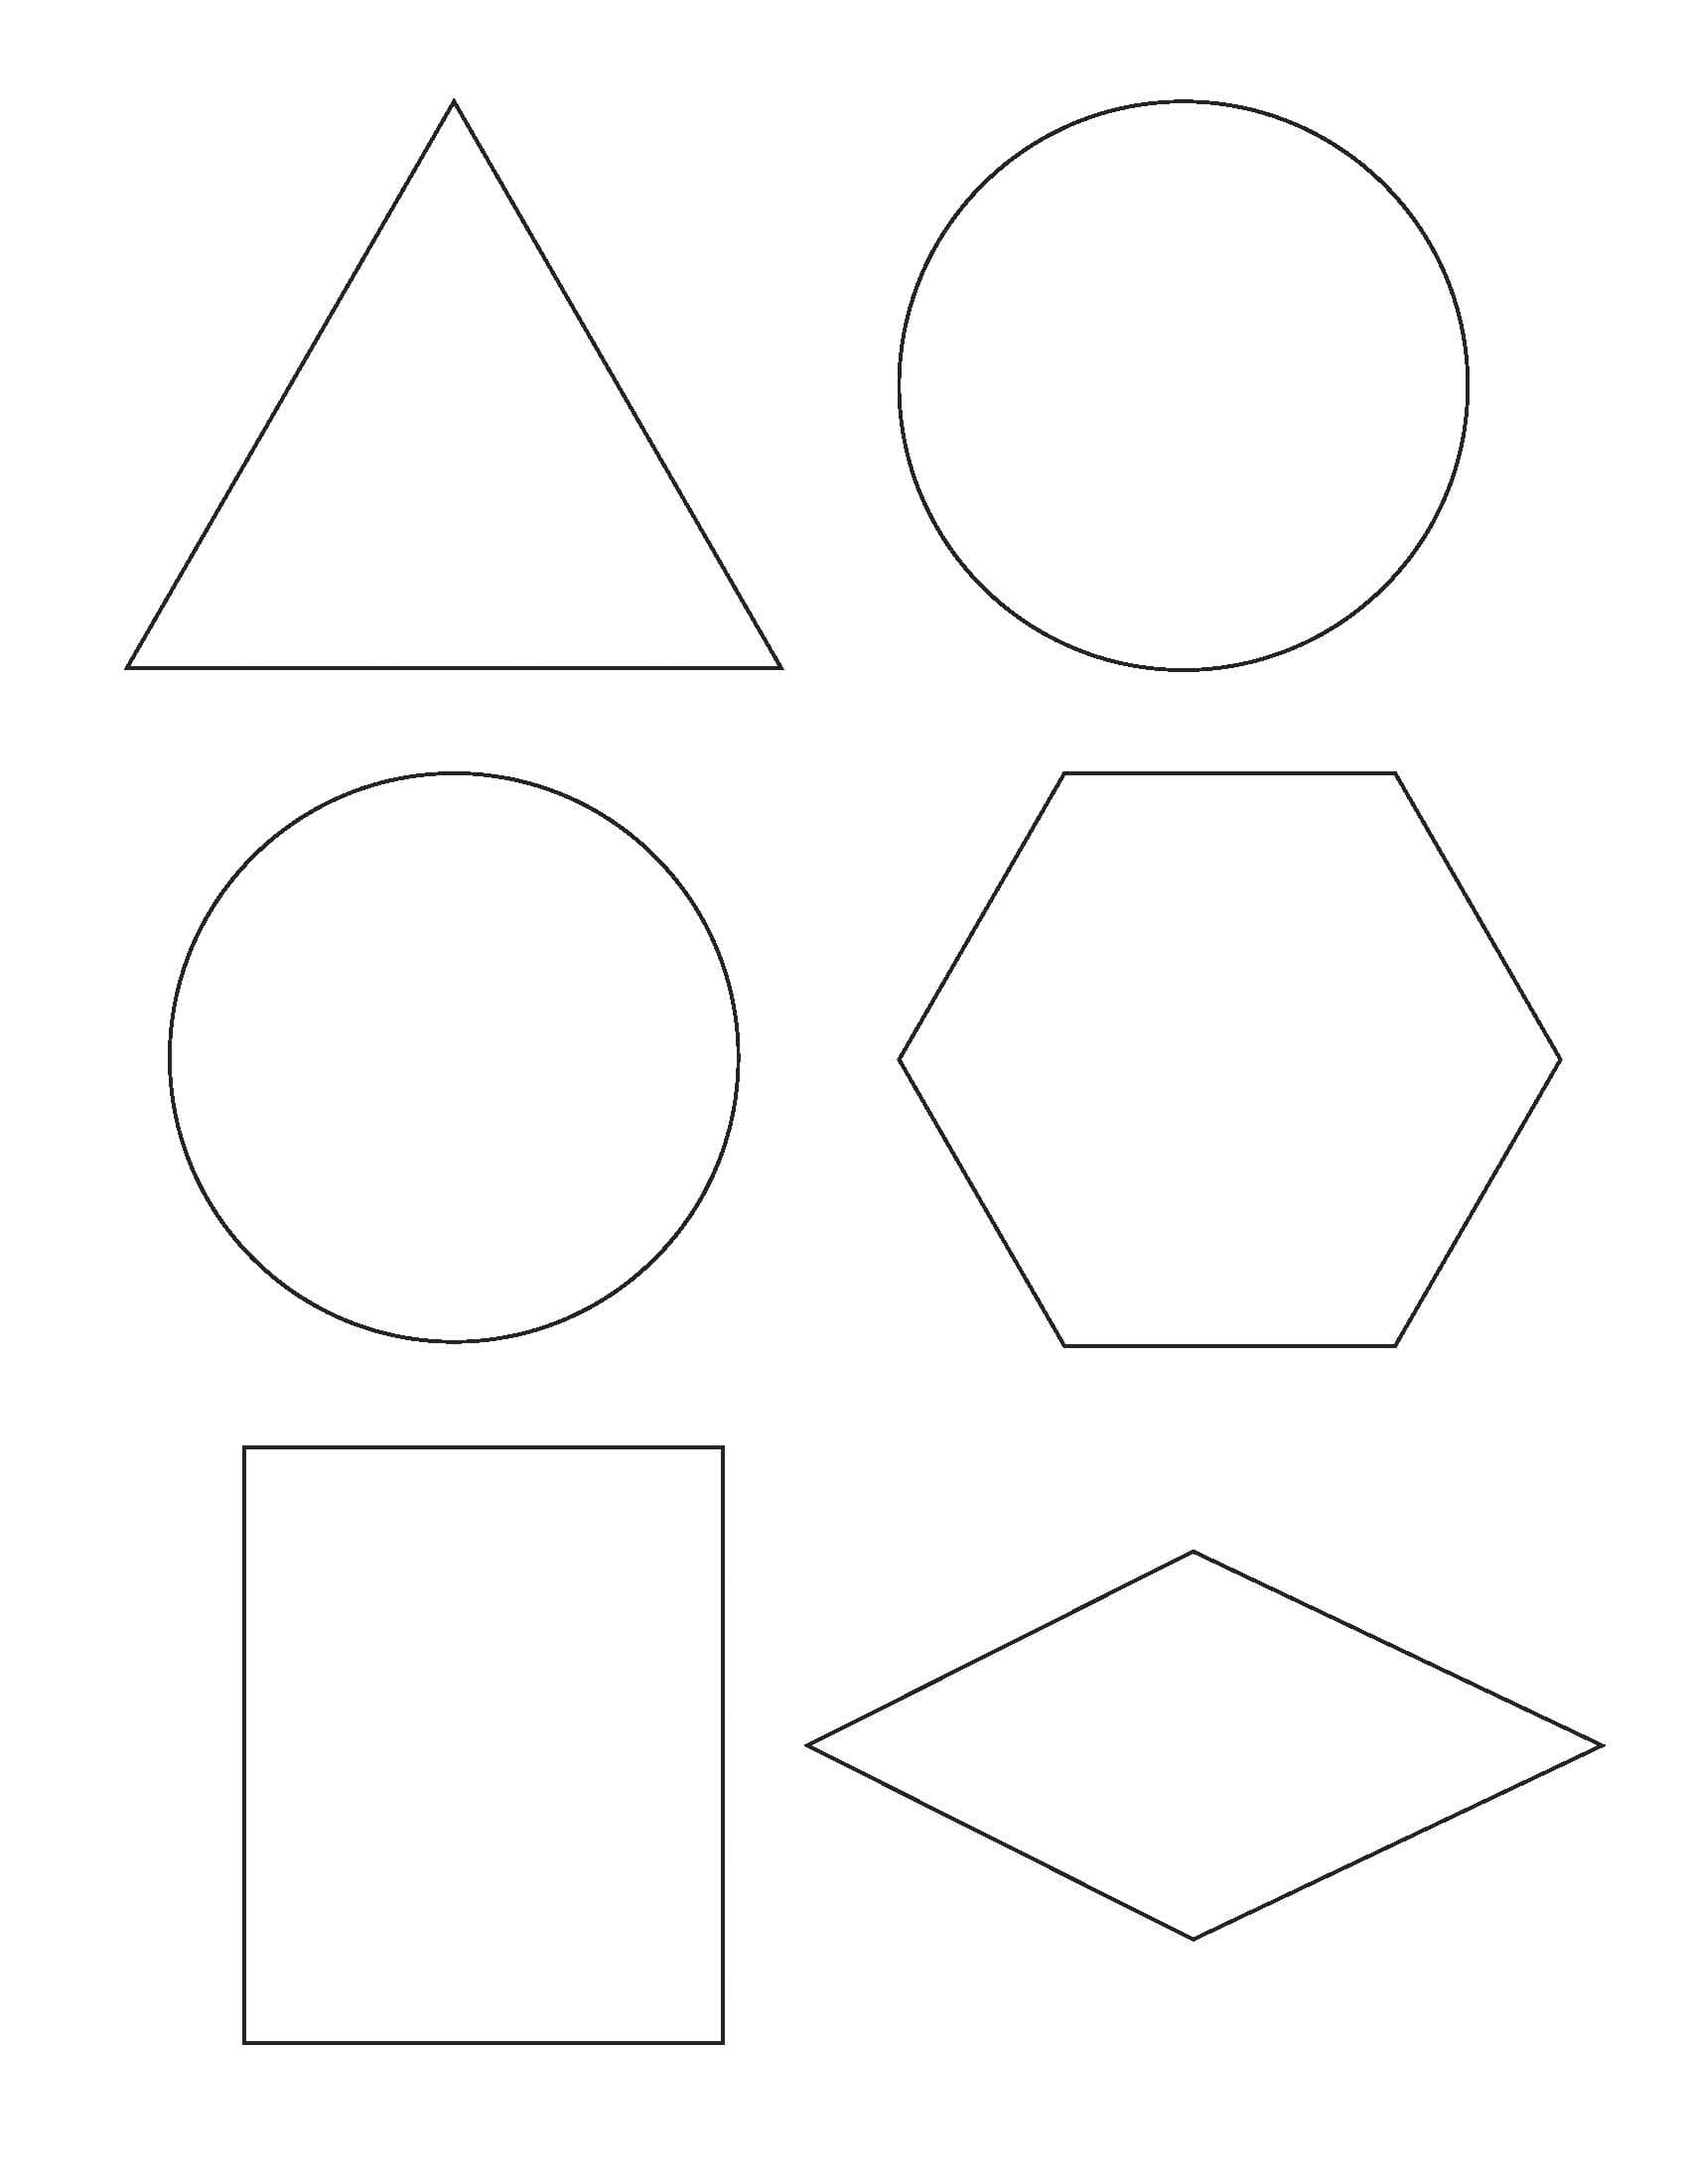 Картинки геометрических фигур для детей для вырезания